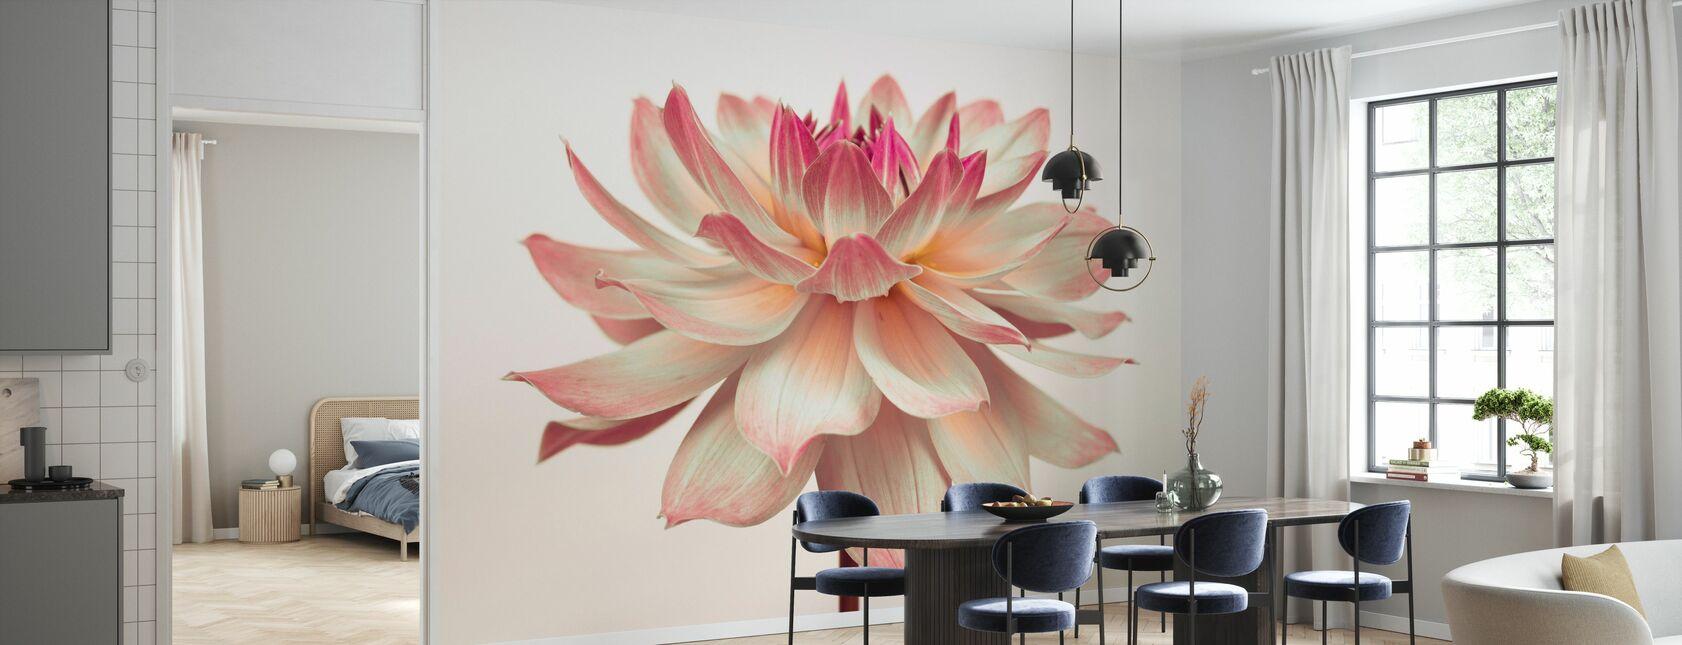 Dahlia Flower - Wallpaper - Kitchen